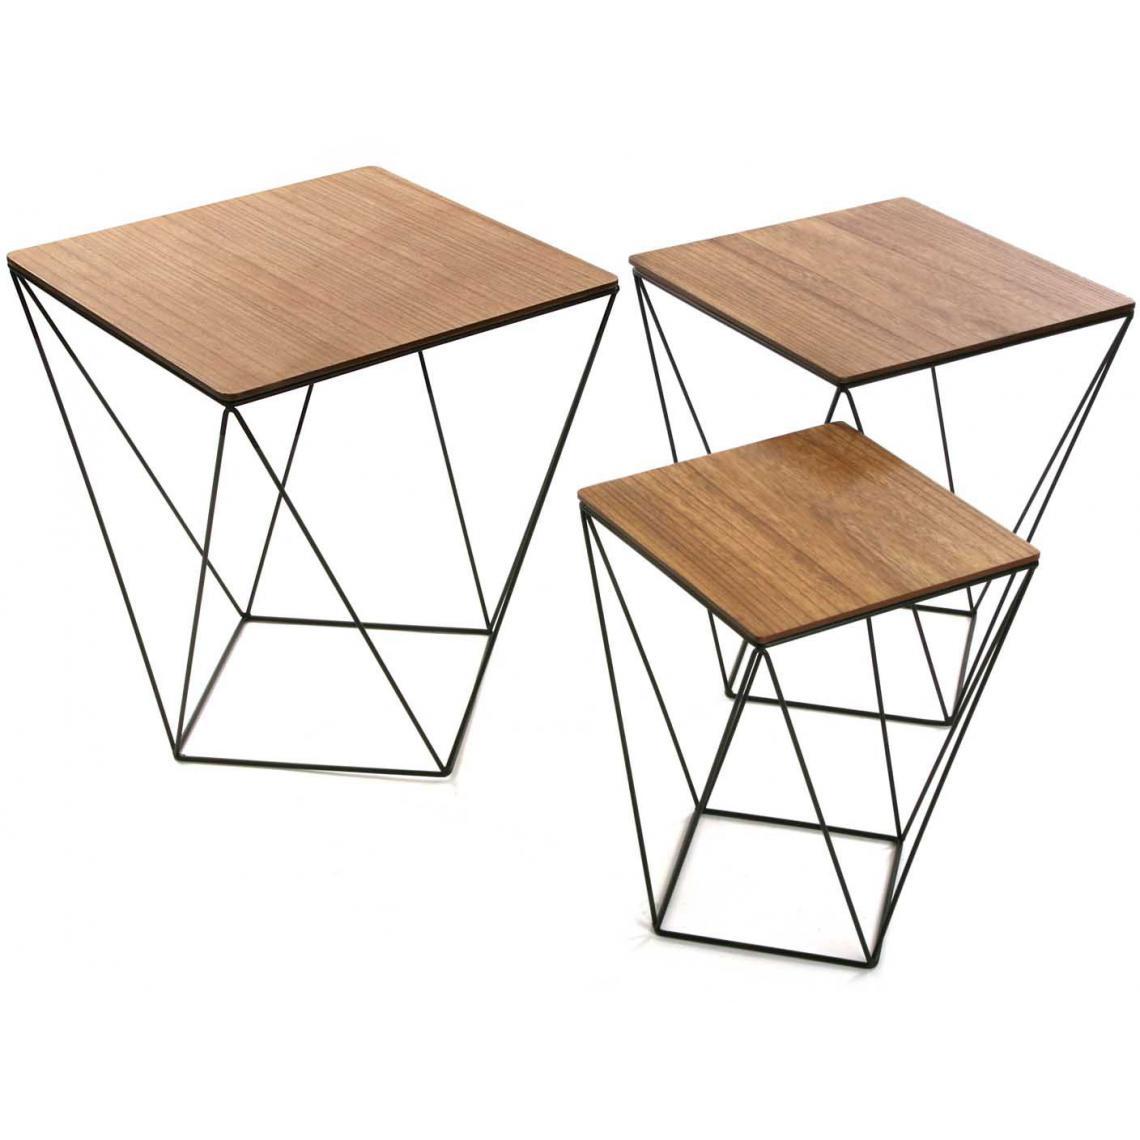 Set De 3 Tables Gigognes Filaires Carrées En Bois Et Métal  CORONILLE